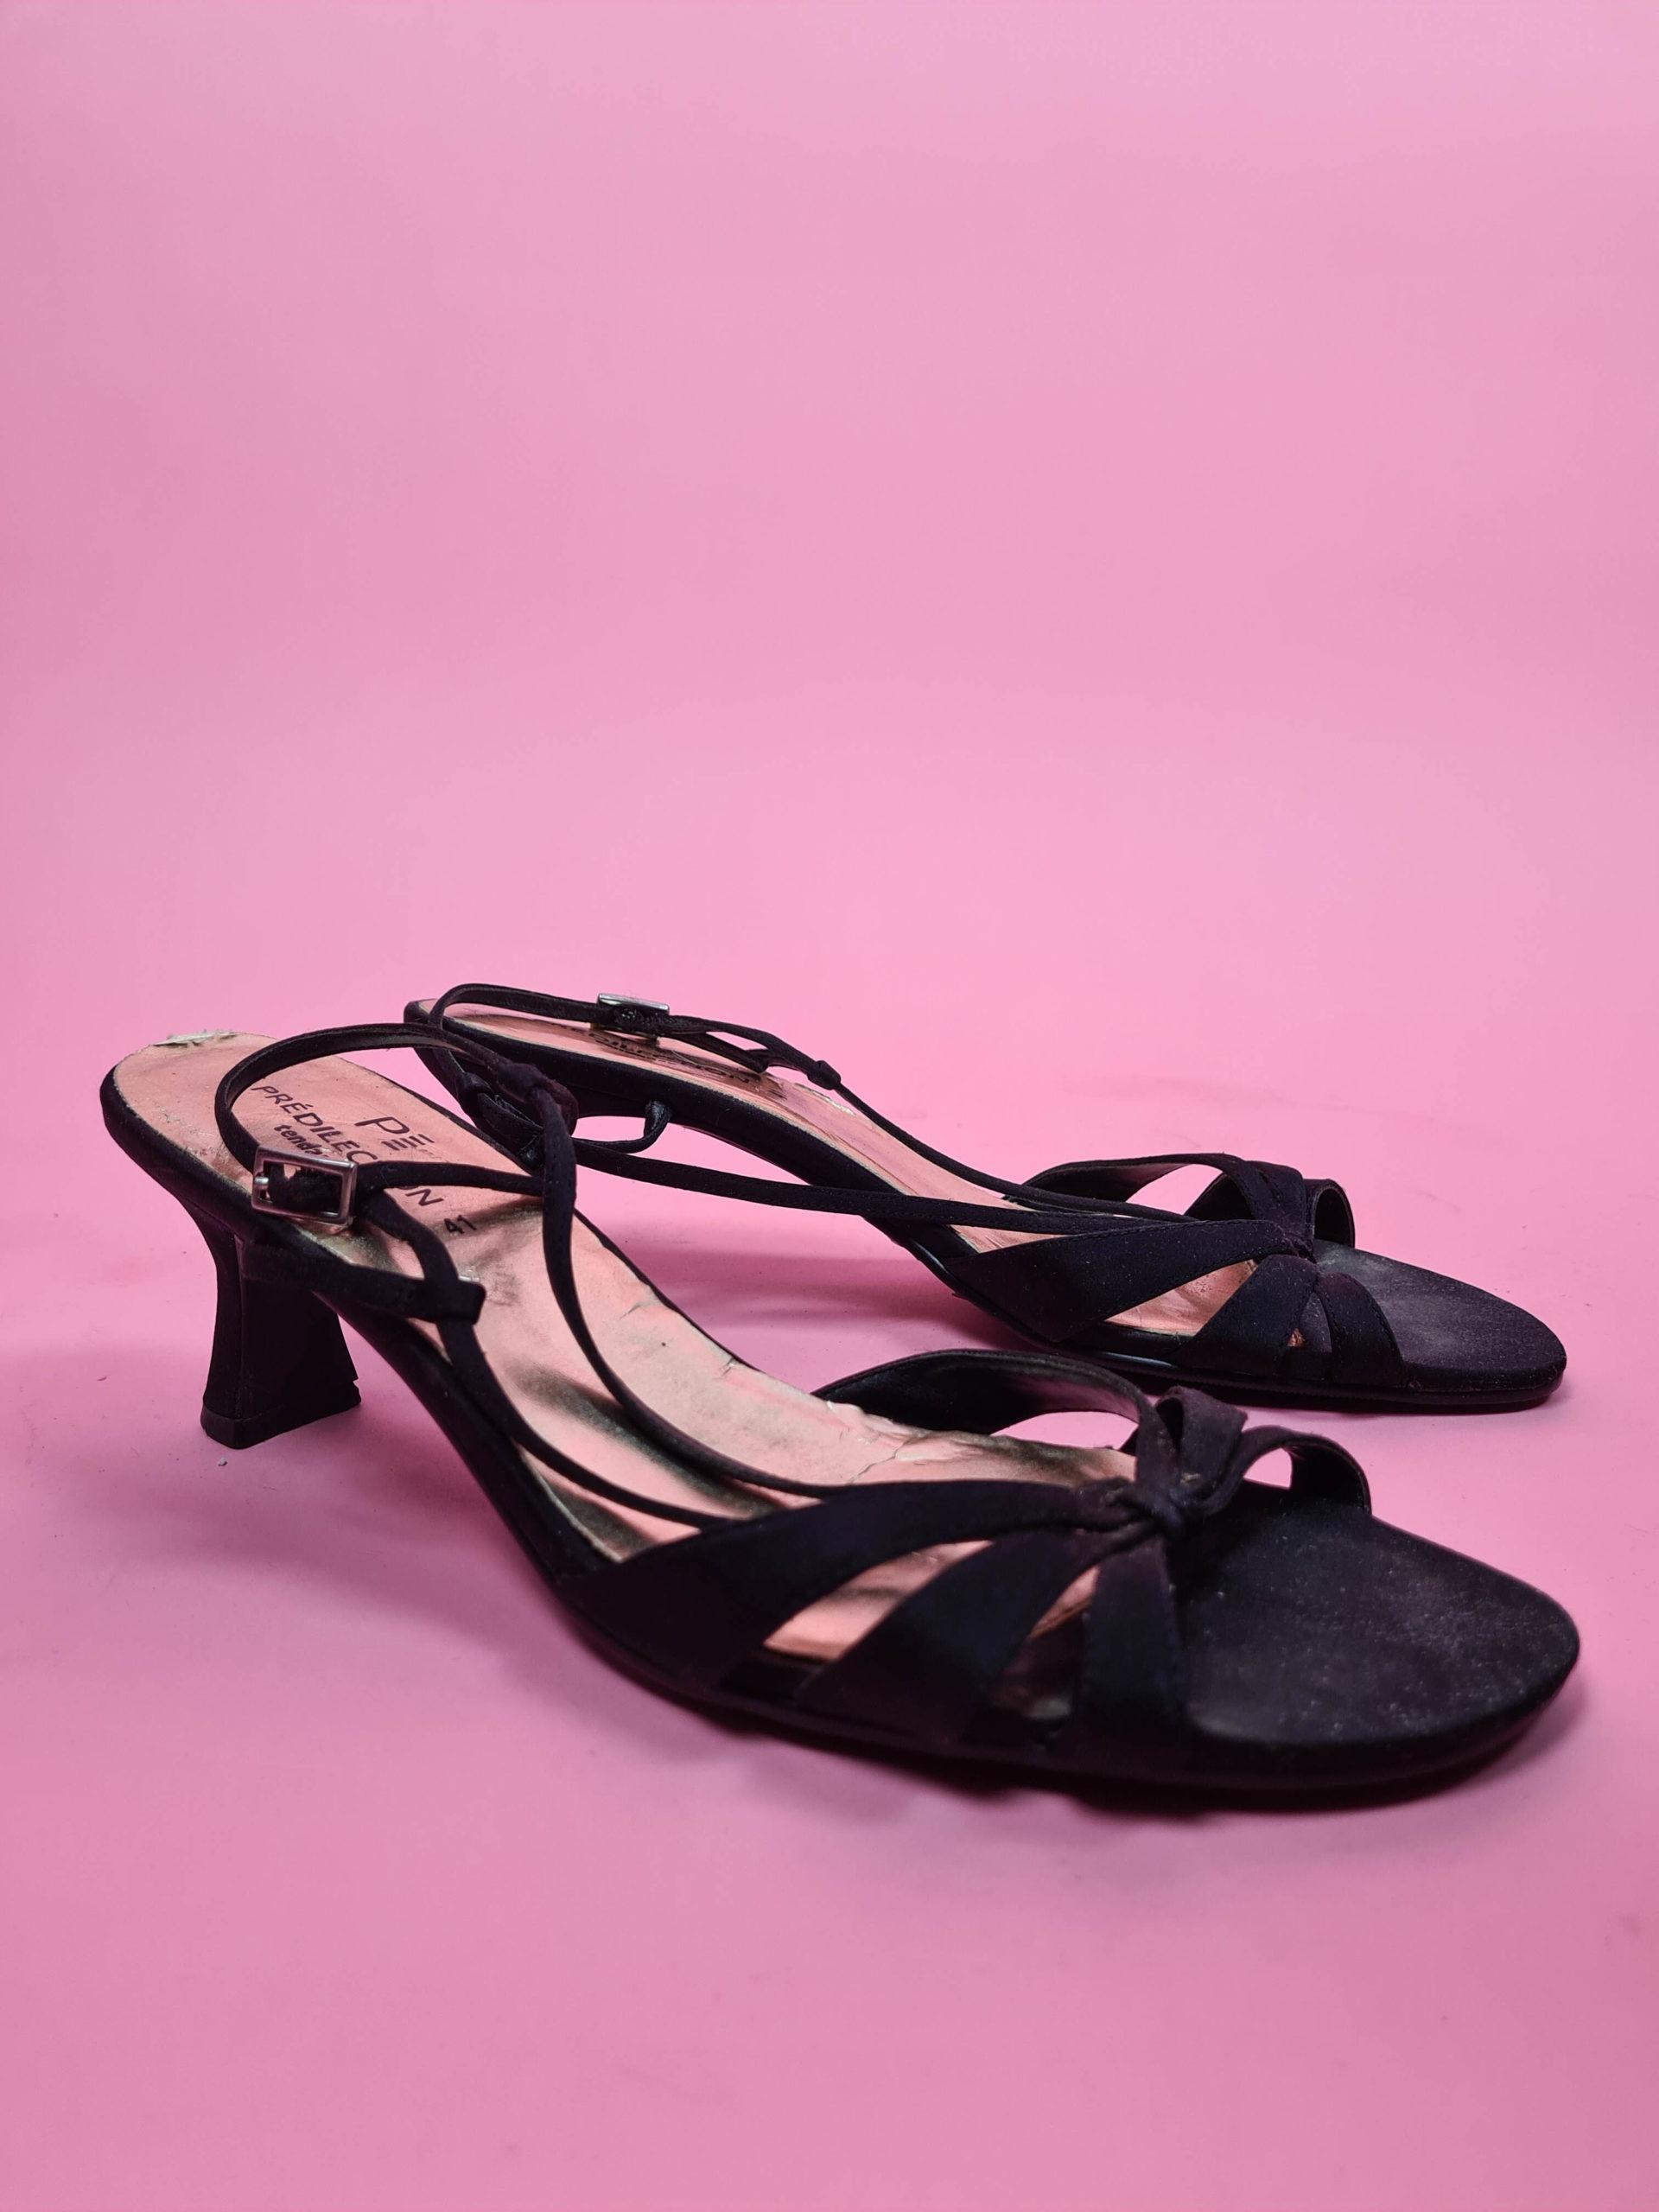 sandales d'été noires petits talons (3)